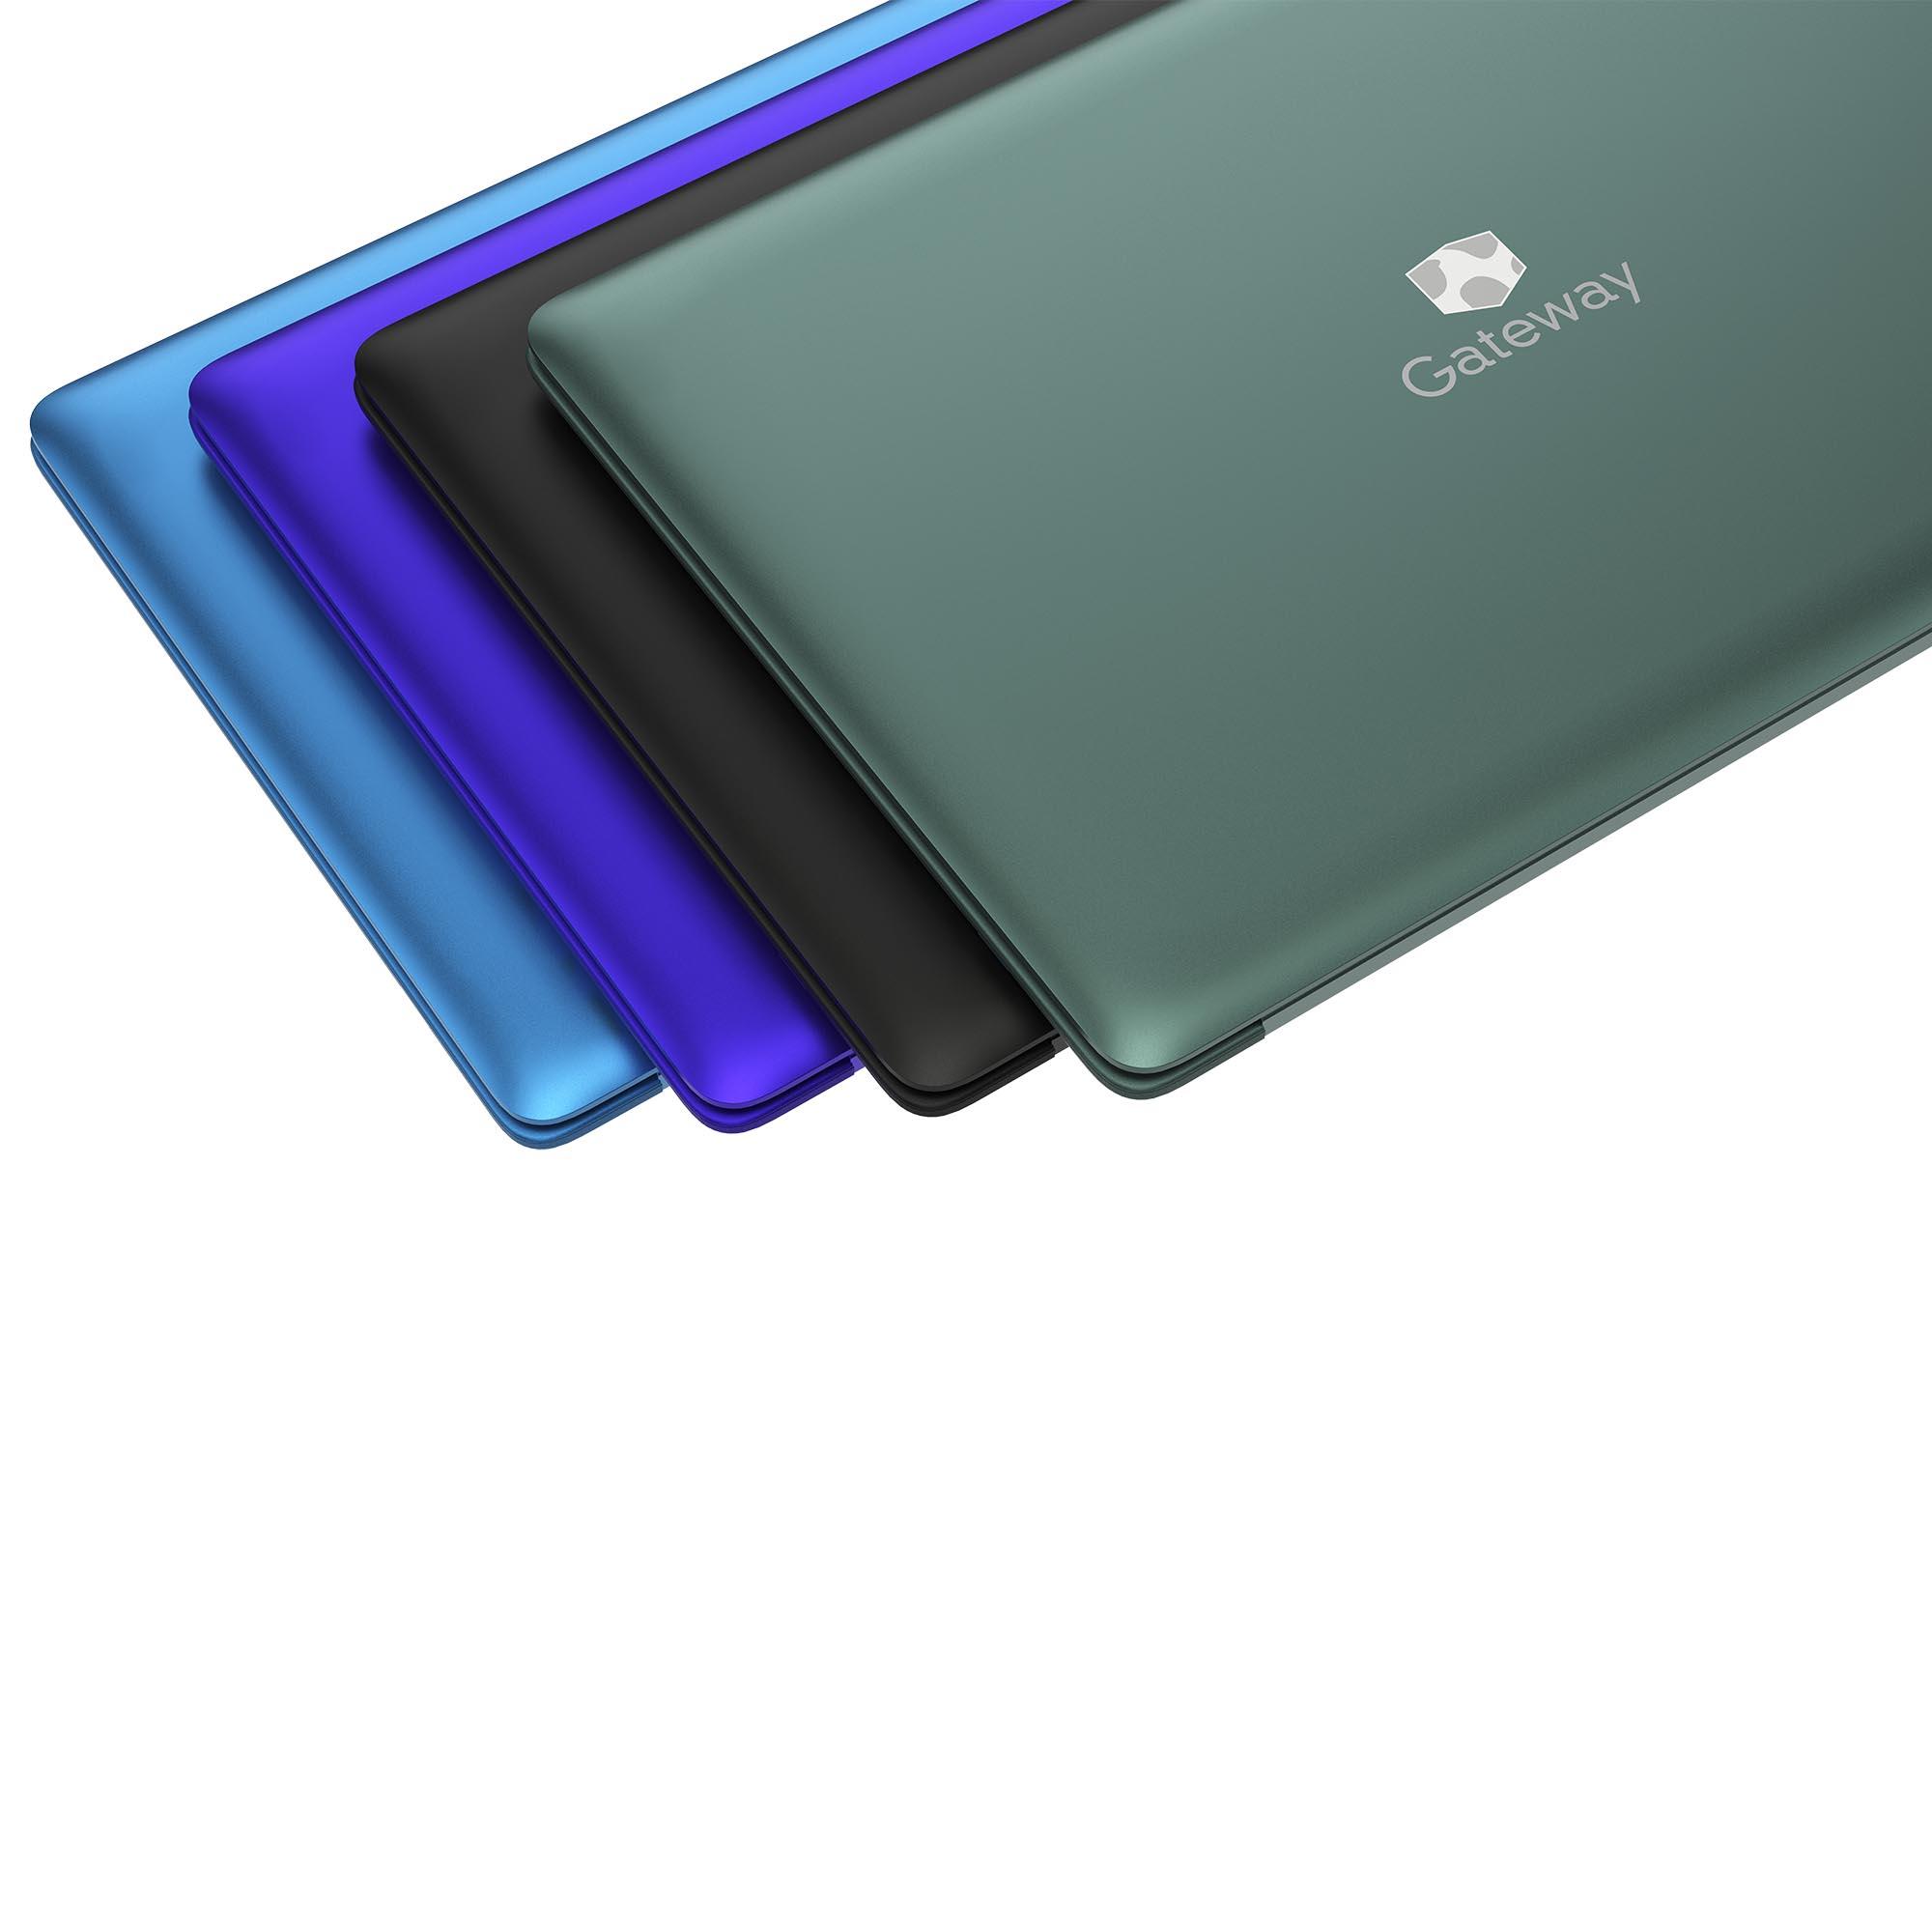 Notebook Gateway GWTN156-4PR Amd Ryzen 5-3450U 2.1GHz / 8GB Ram / SSD 256GB / Tela 15.6 FHD - Purple